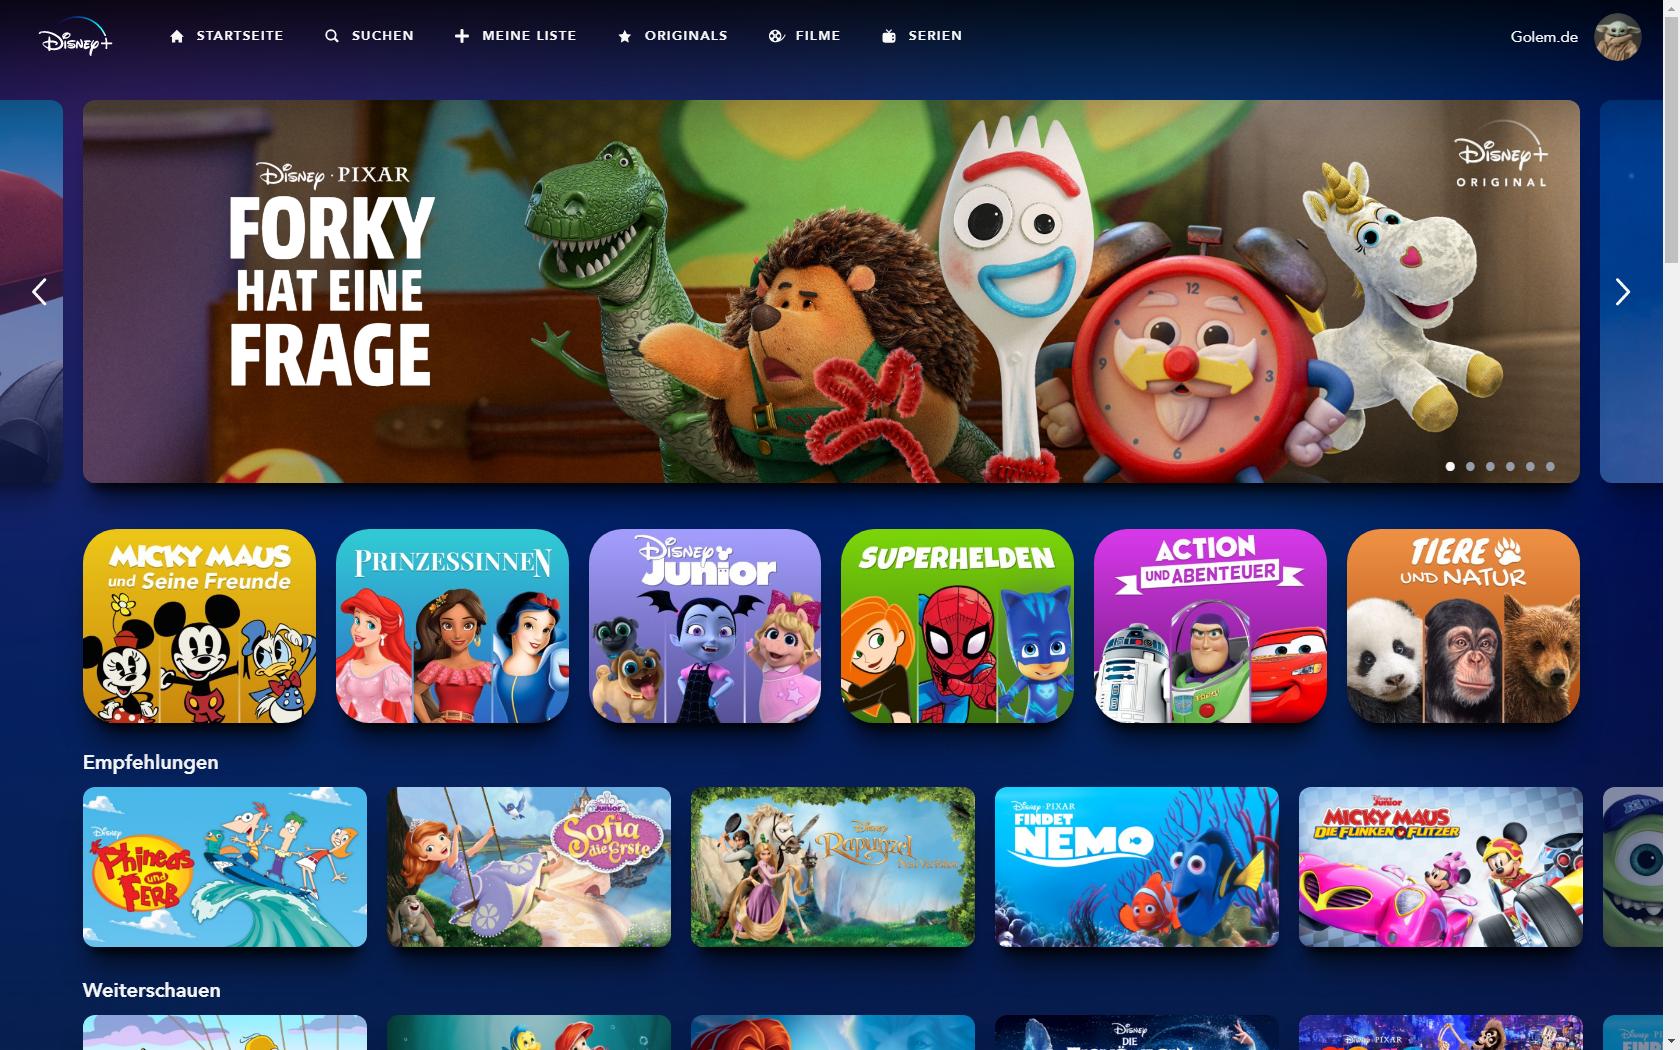 Konkurrenz für Netflix und Prime Video: Disney nennt Filme und Serien für Disney+ in Deutschland - So sieht Disney+ mit Kinderprofil aus. (Bild: Disney+/Screenshot: Golem.de)